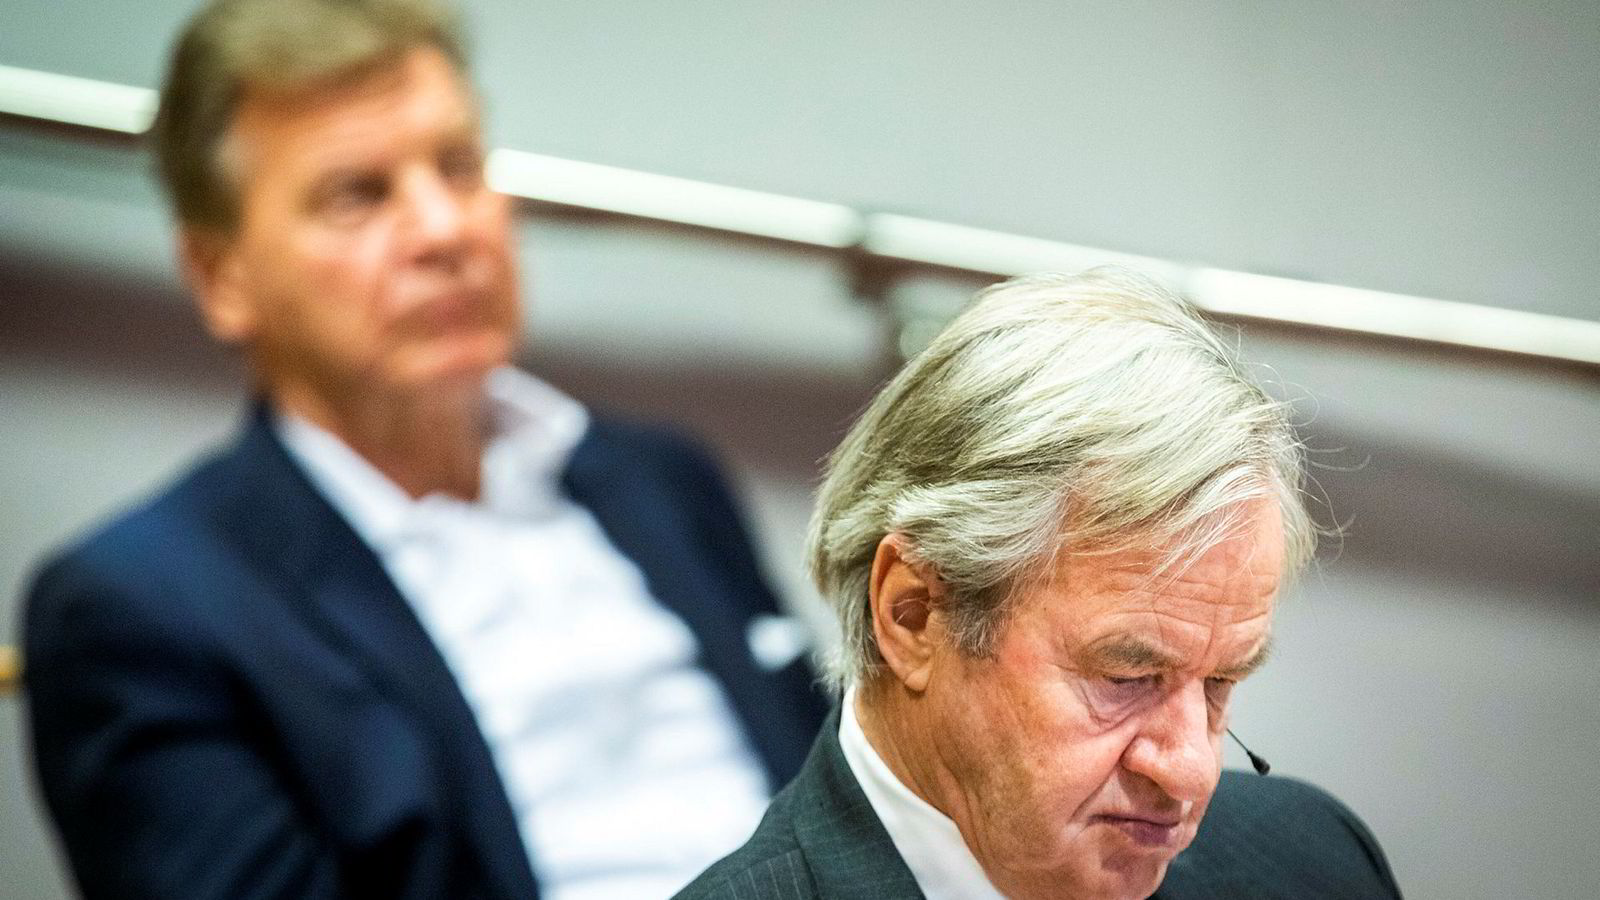 Konsernsjef Bjørn Kjos, til høyre, og styreleder Bjørn H. Kise i Norwegian har lansert en komplisert emisjon som kan vippe småaksjonærer av lasset.